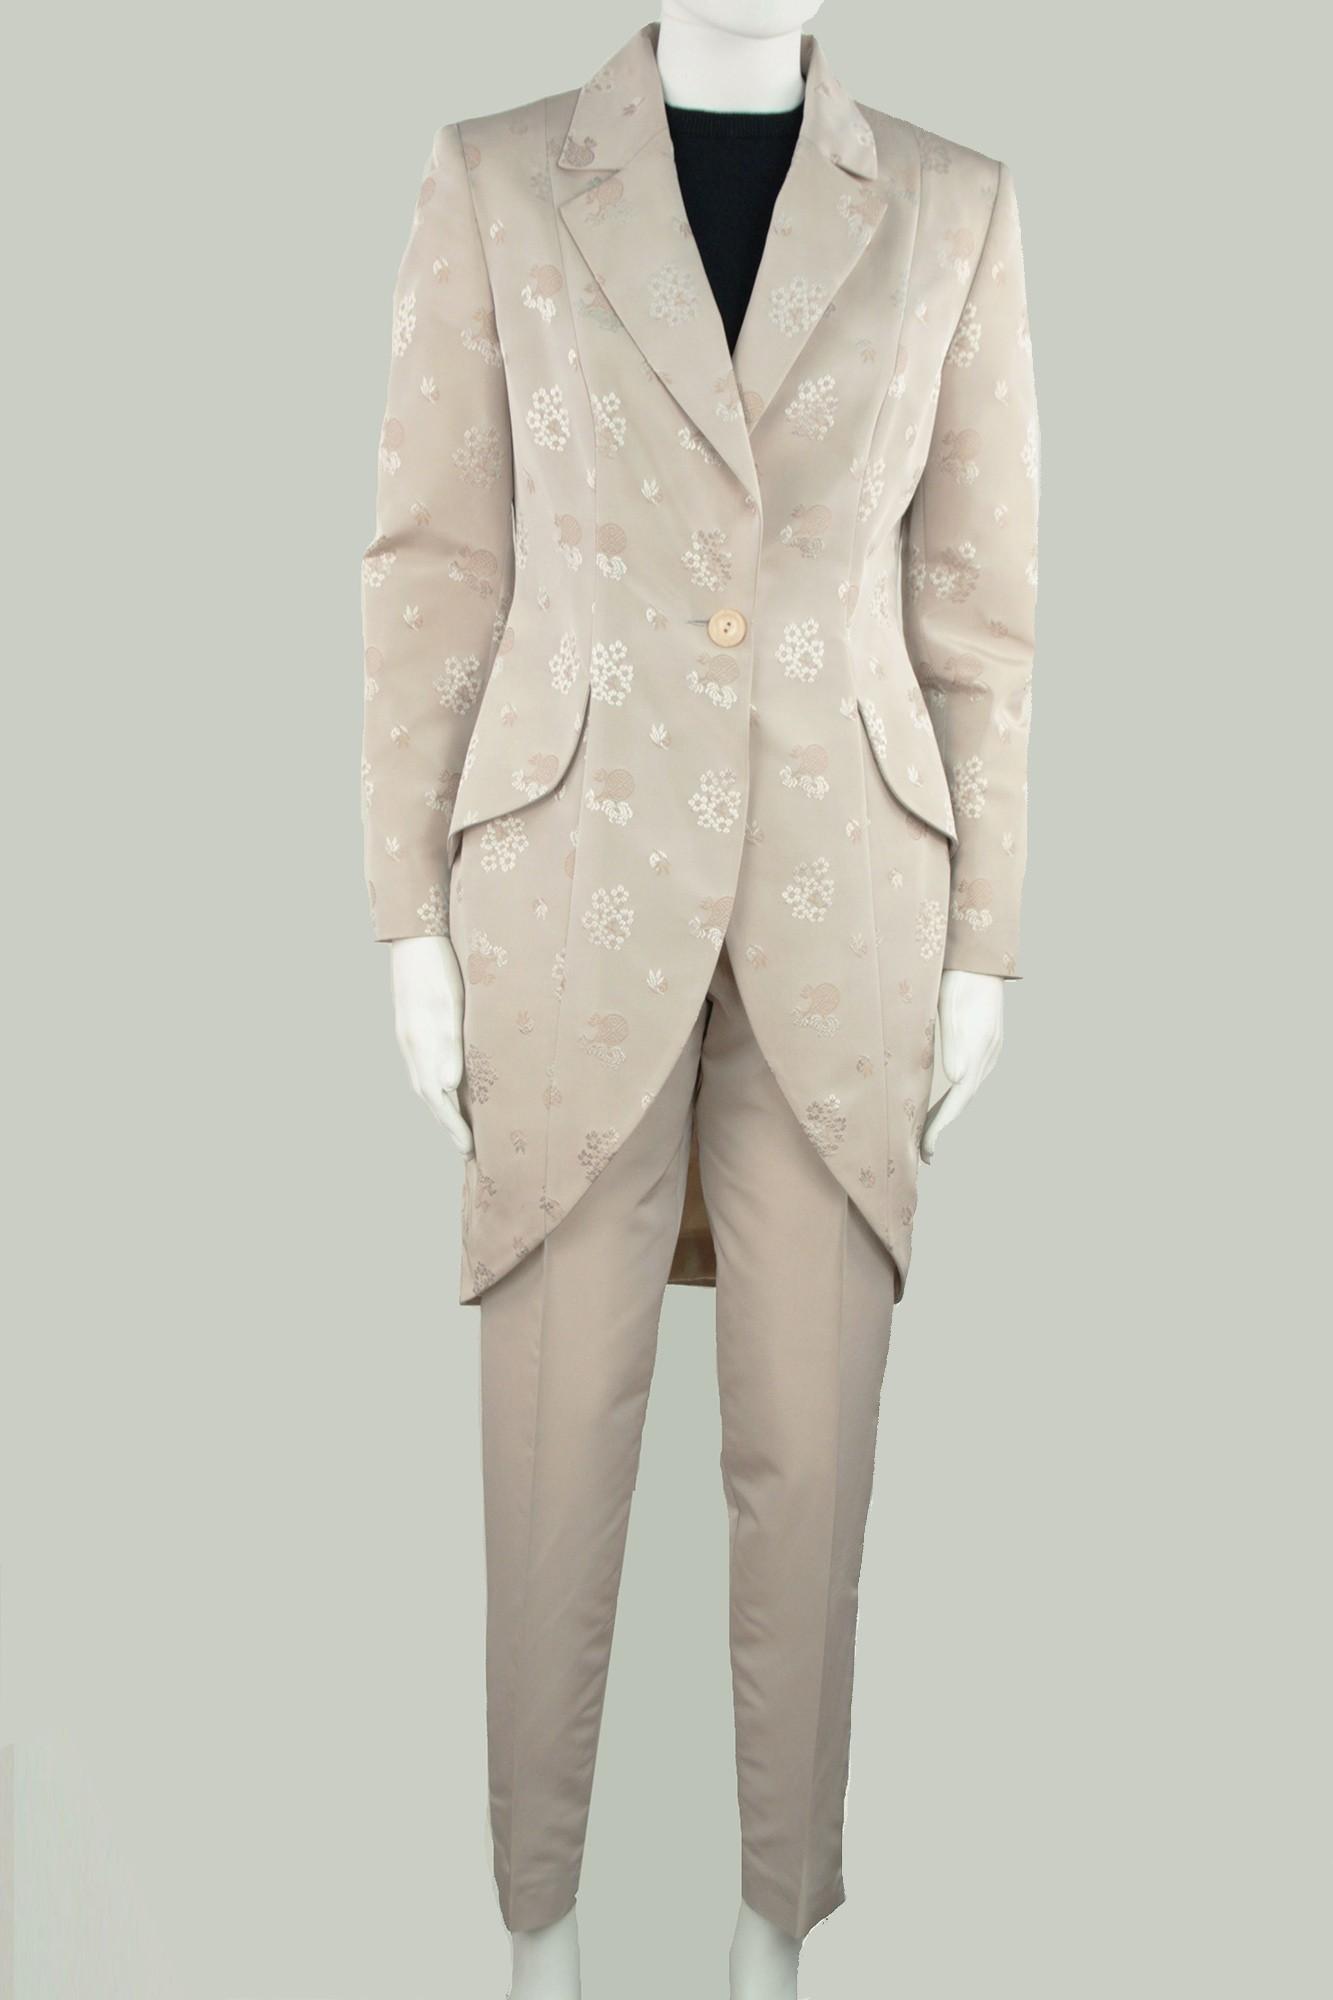 db59ffed09f0 Pamela - EmporioEffe - Grandi Firme Abbigliamento a Prezzi Stock